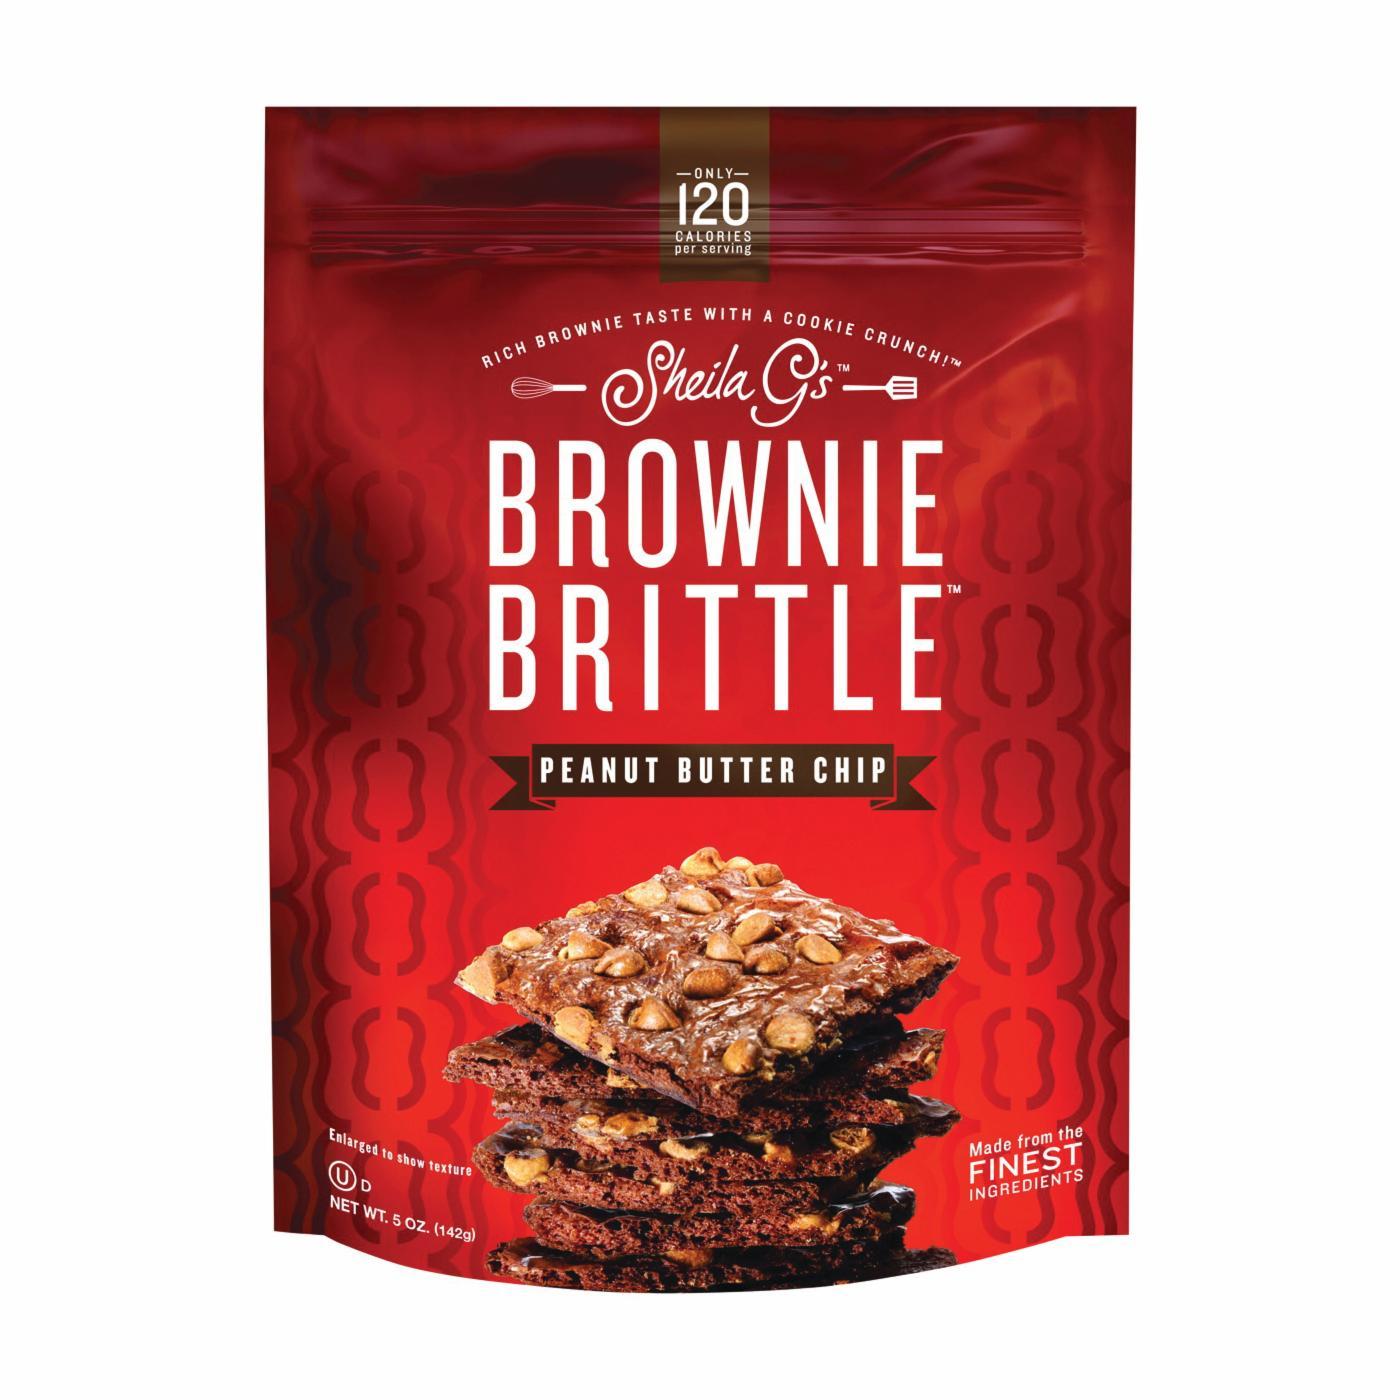 BROWNIE BRITTLE SG1210